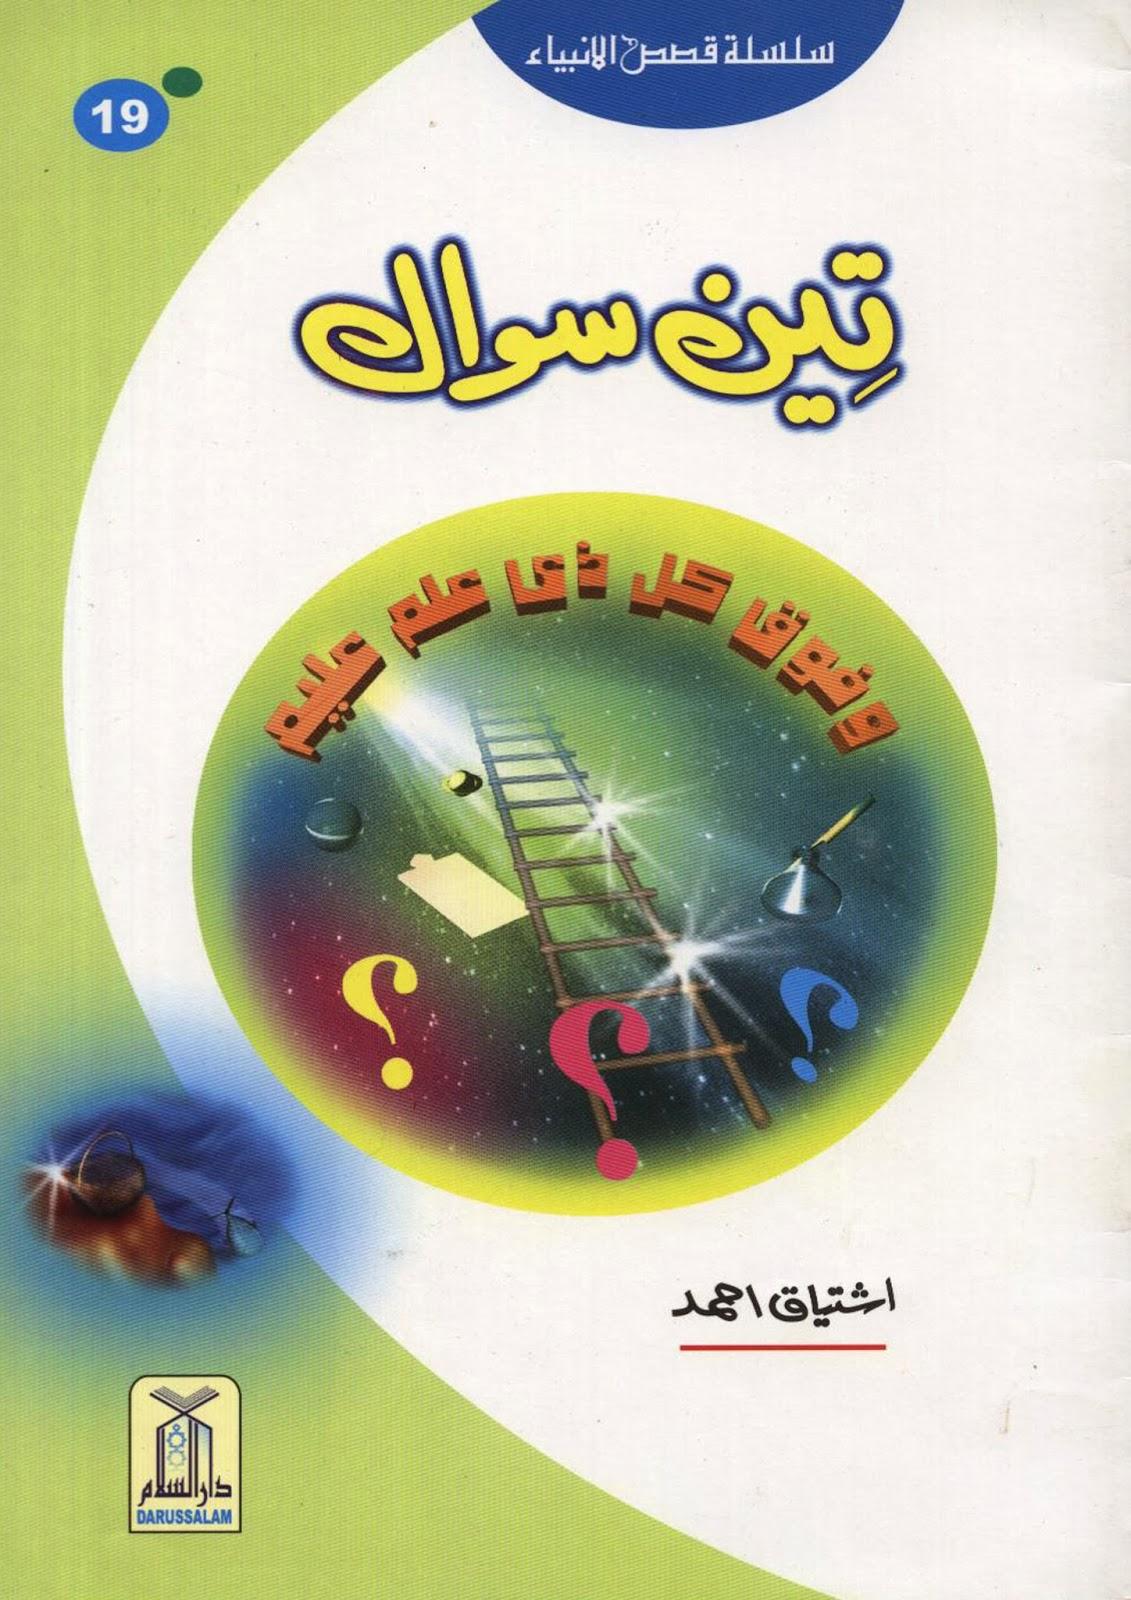 http://urduguru1.blogspot.com/2014/03/teen-sawal-prophet-musa-as.html